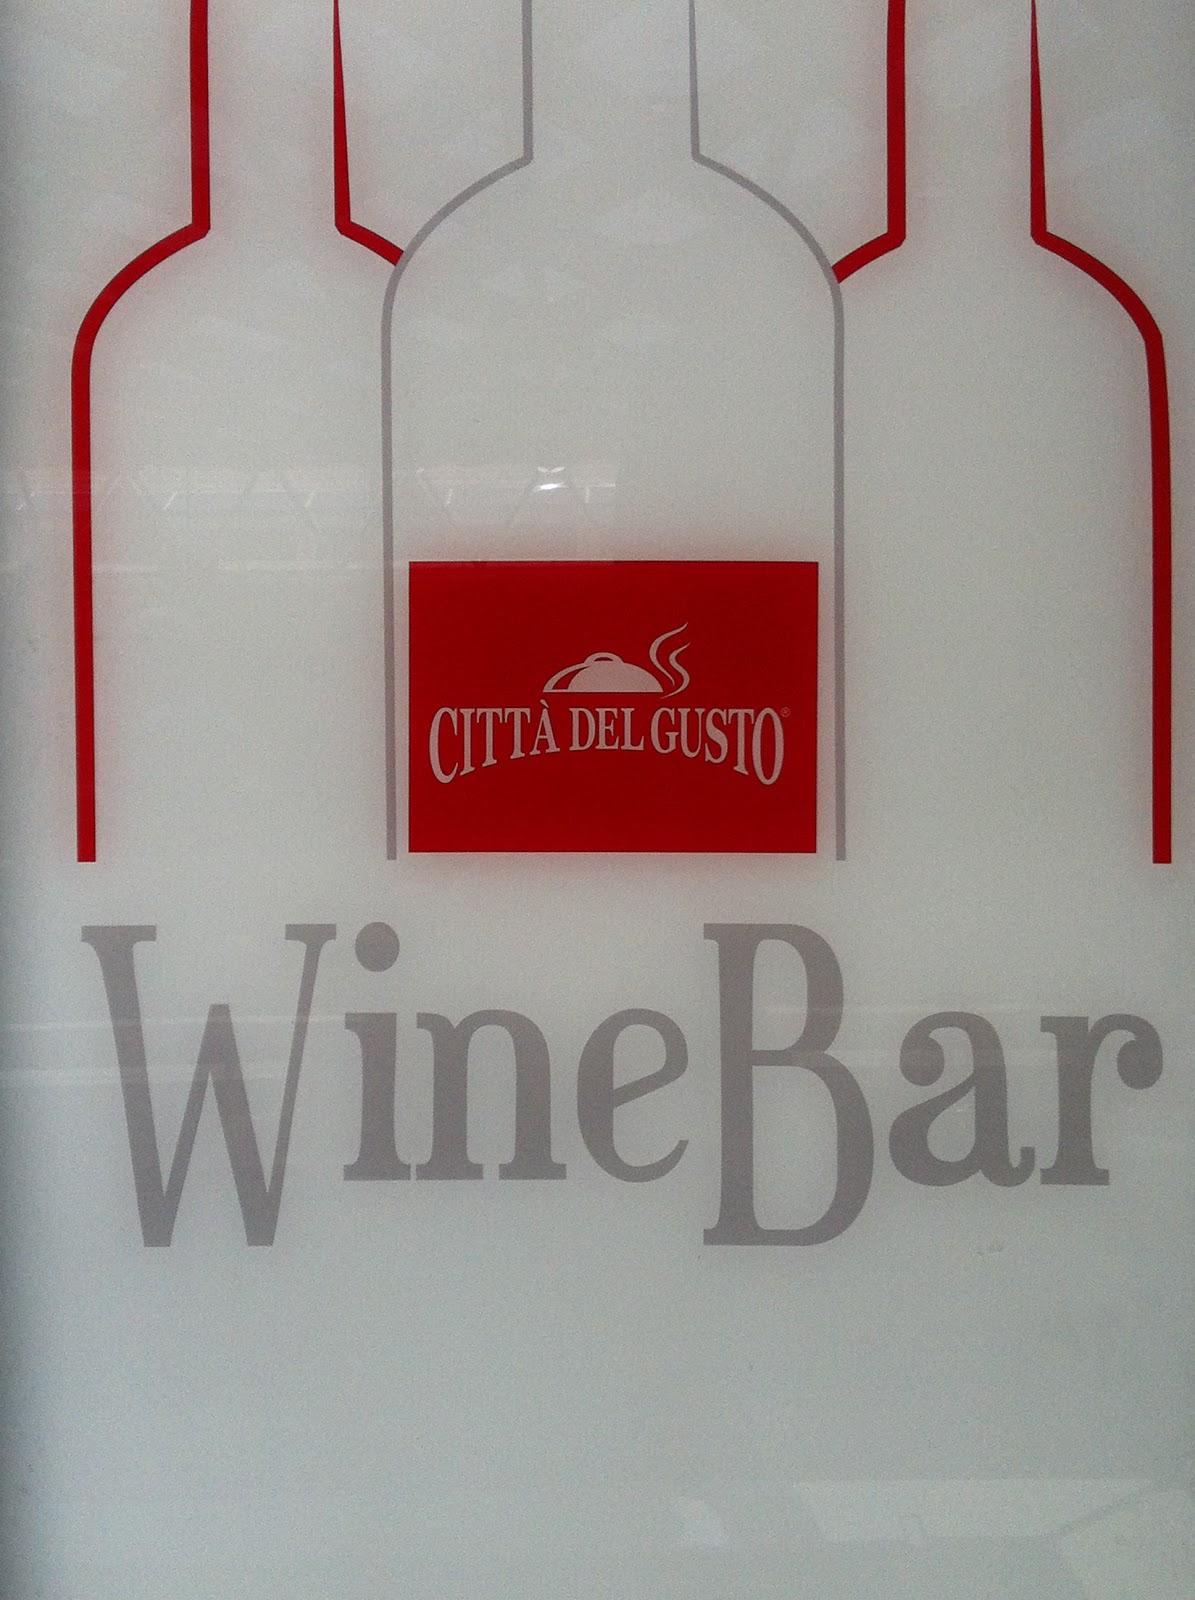 Se te lo dice 39 la mari 39 aprile 2012 - Corsi cucina roma gambero rosso ...